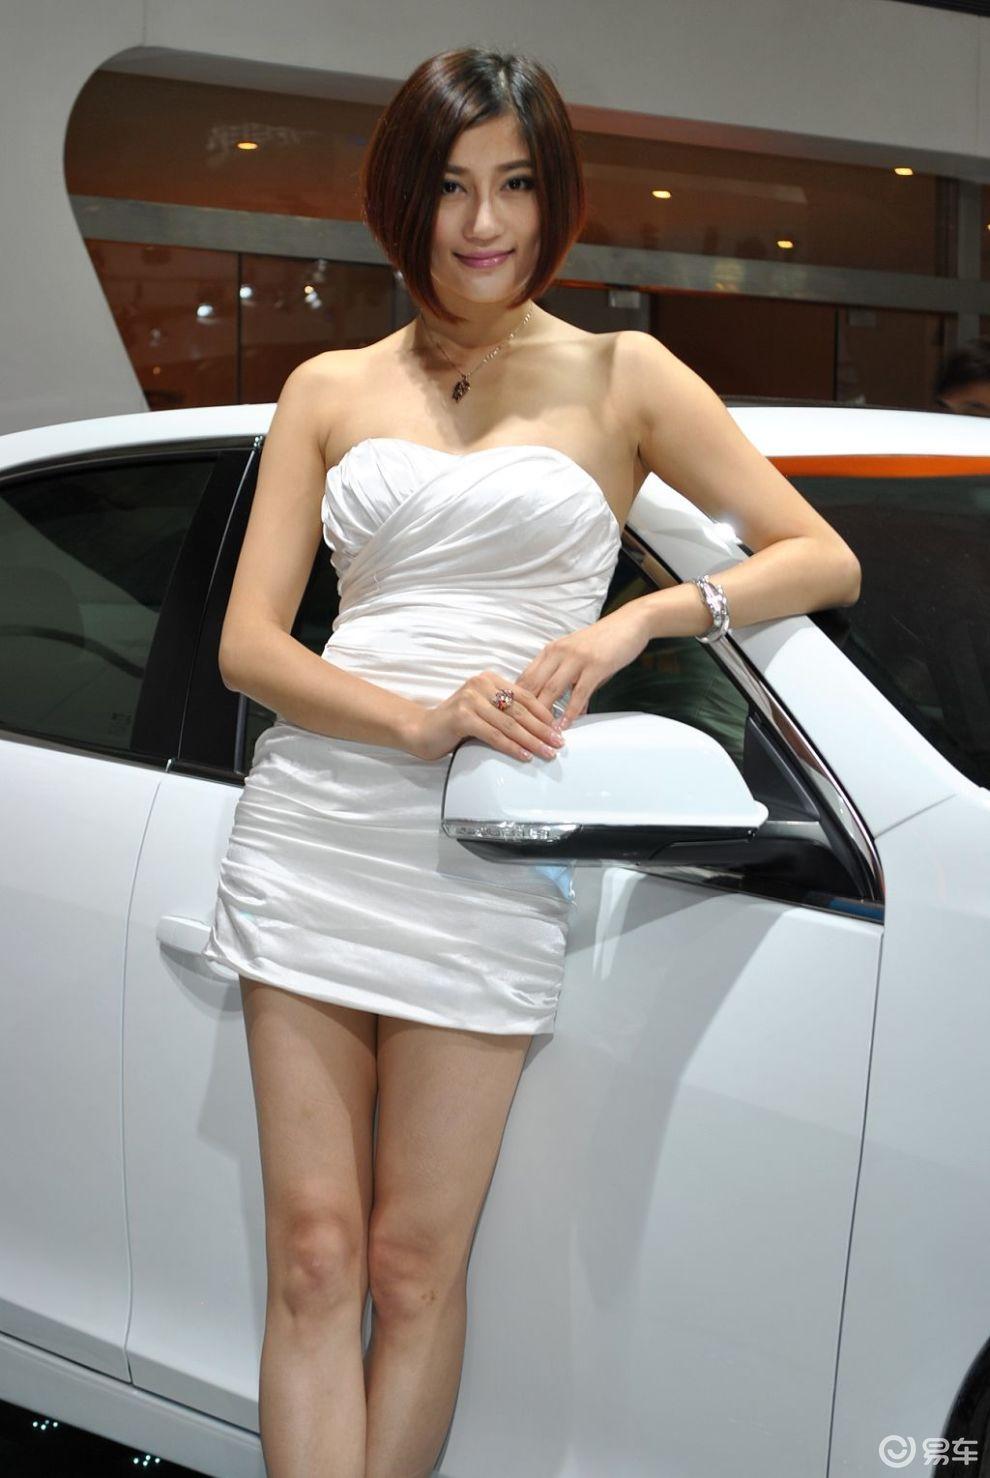 短发冷艳车模分享展示图片